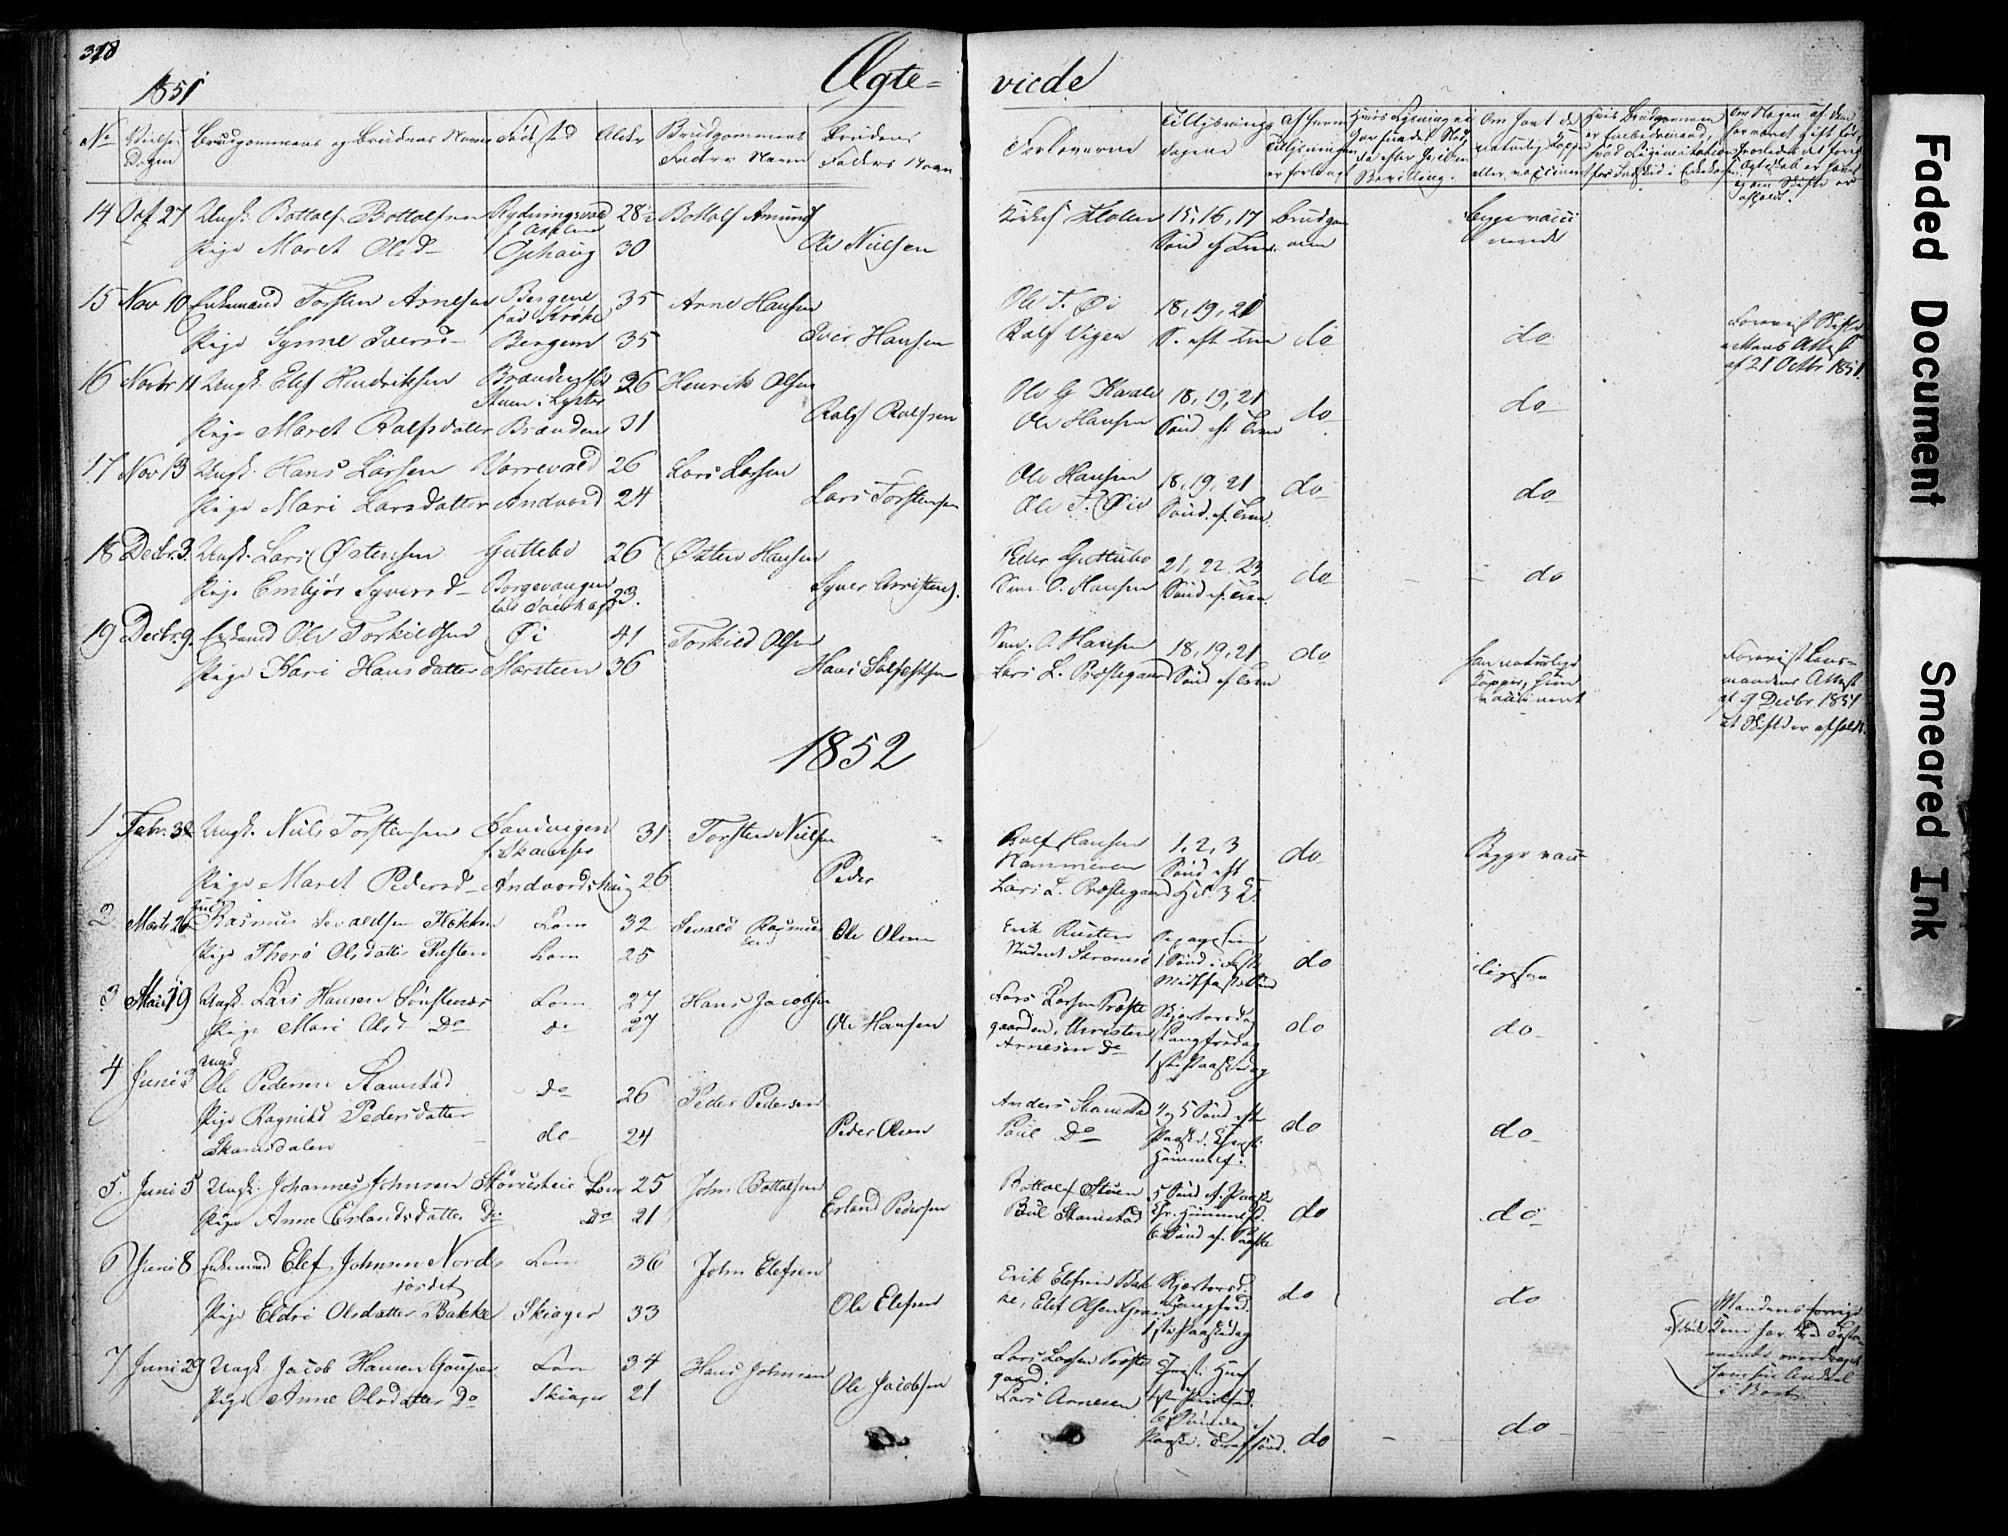 SAH, Lom prestekontor, L/L0012: Klokkerbok nr. 12, 1845-1873, s. 318-319